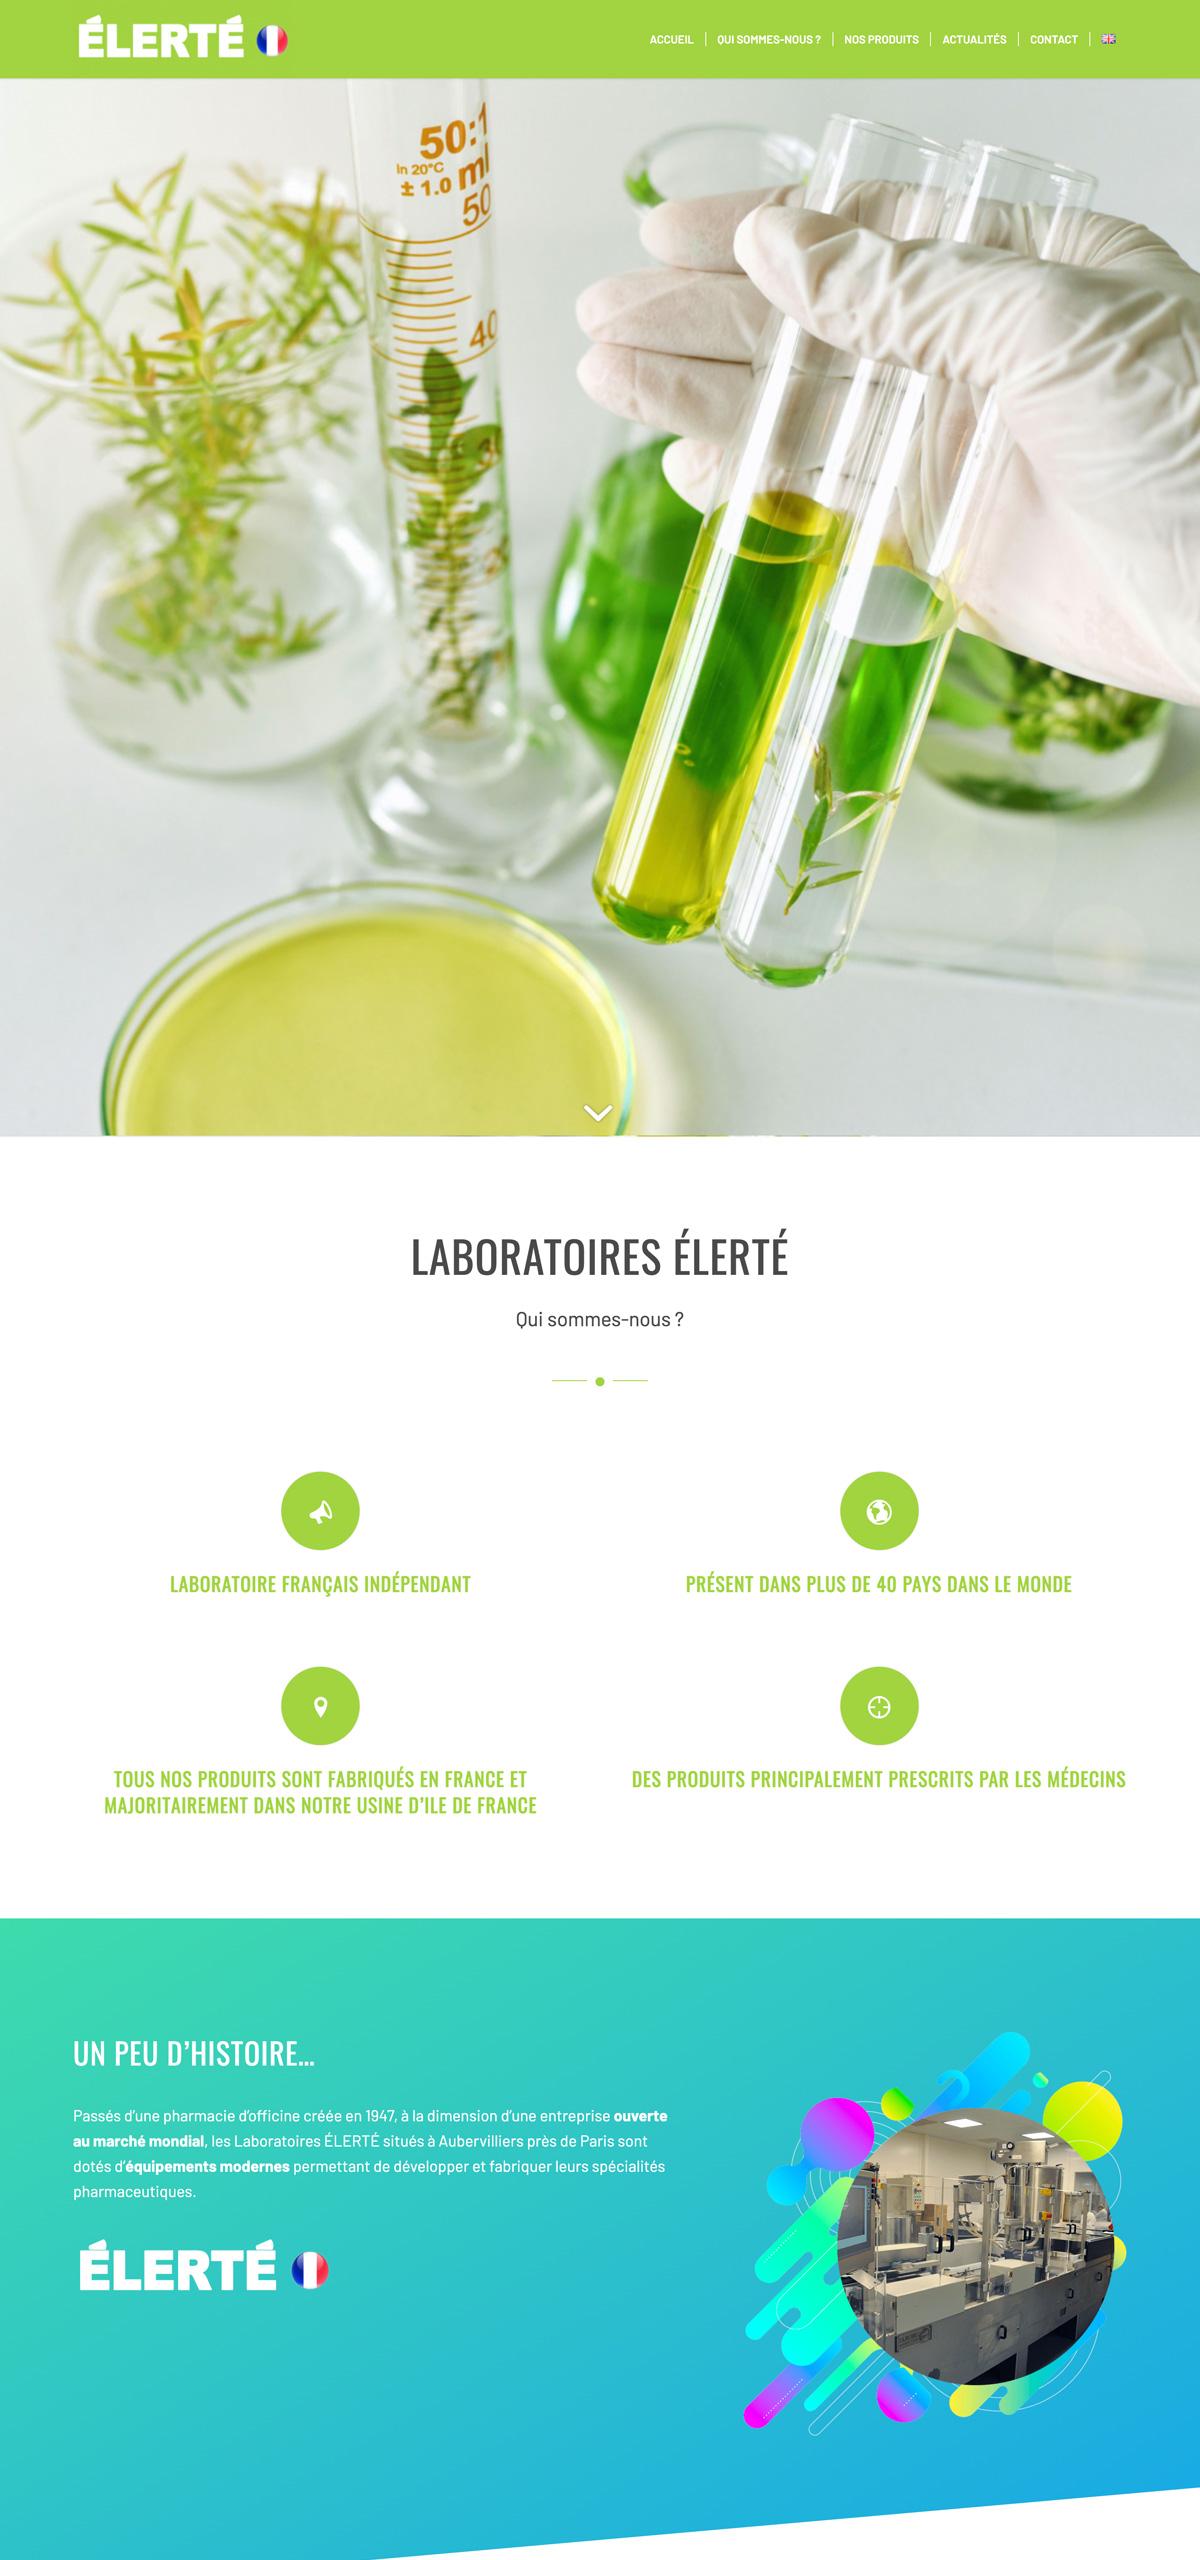 rdsc glaboratoires elerte website screenshot